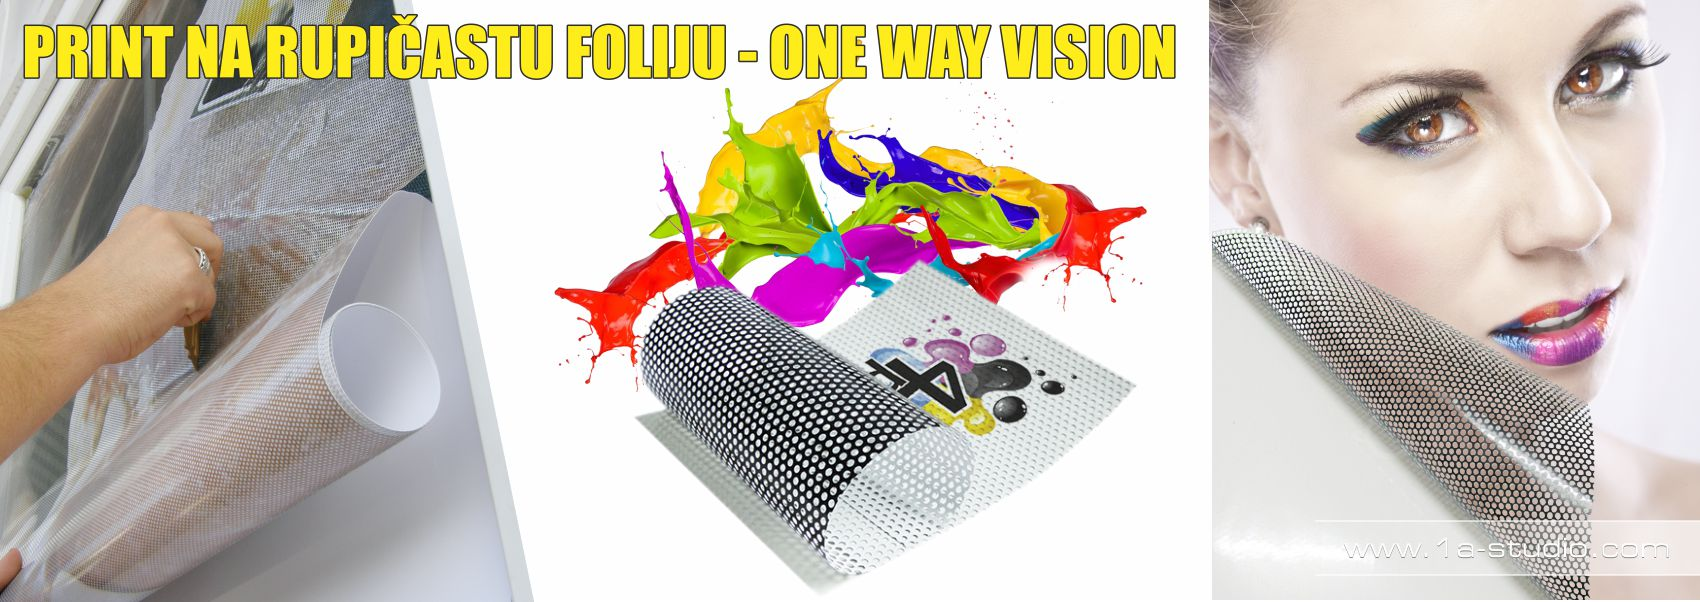 Usluga print na rupičastu foliju - One Way Vision.